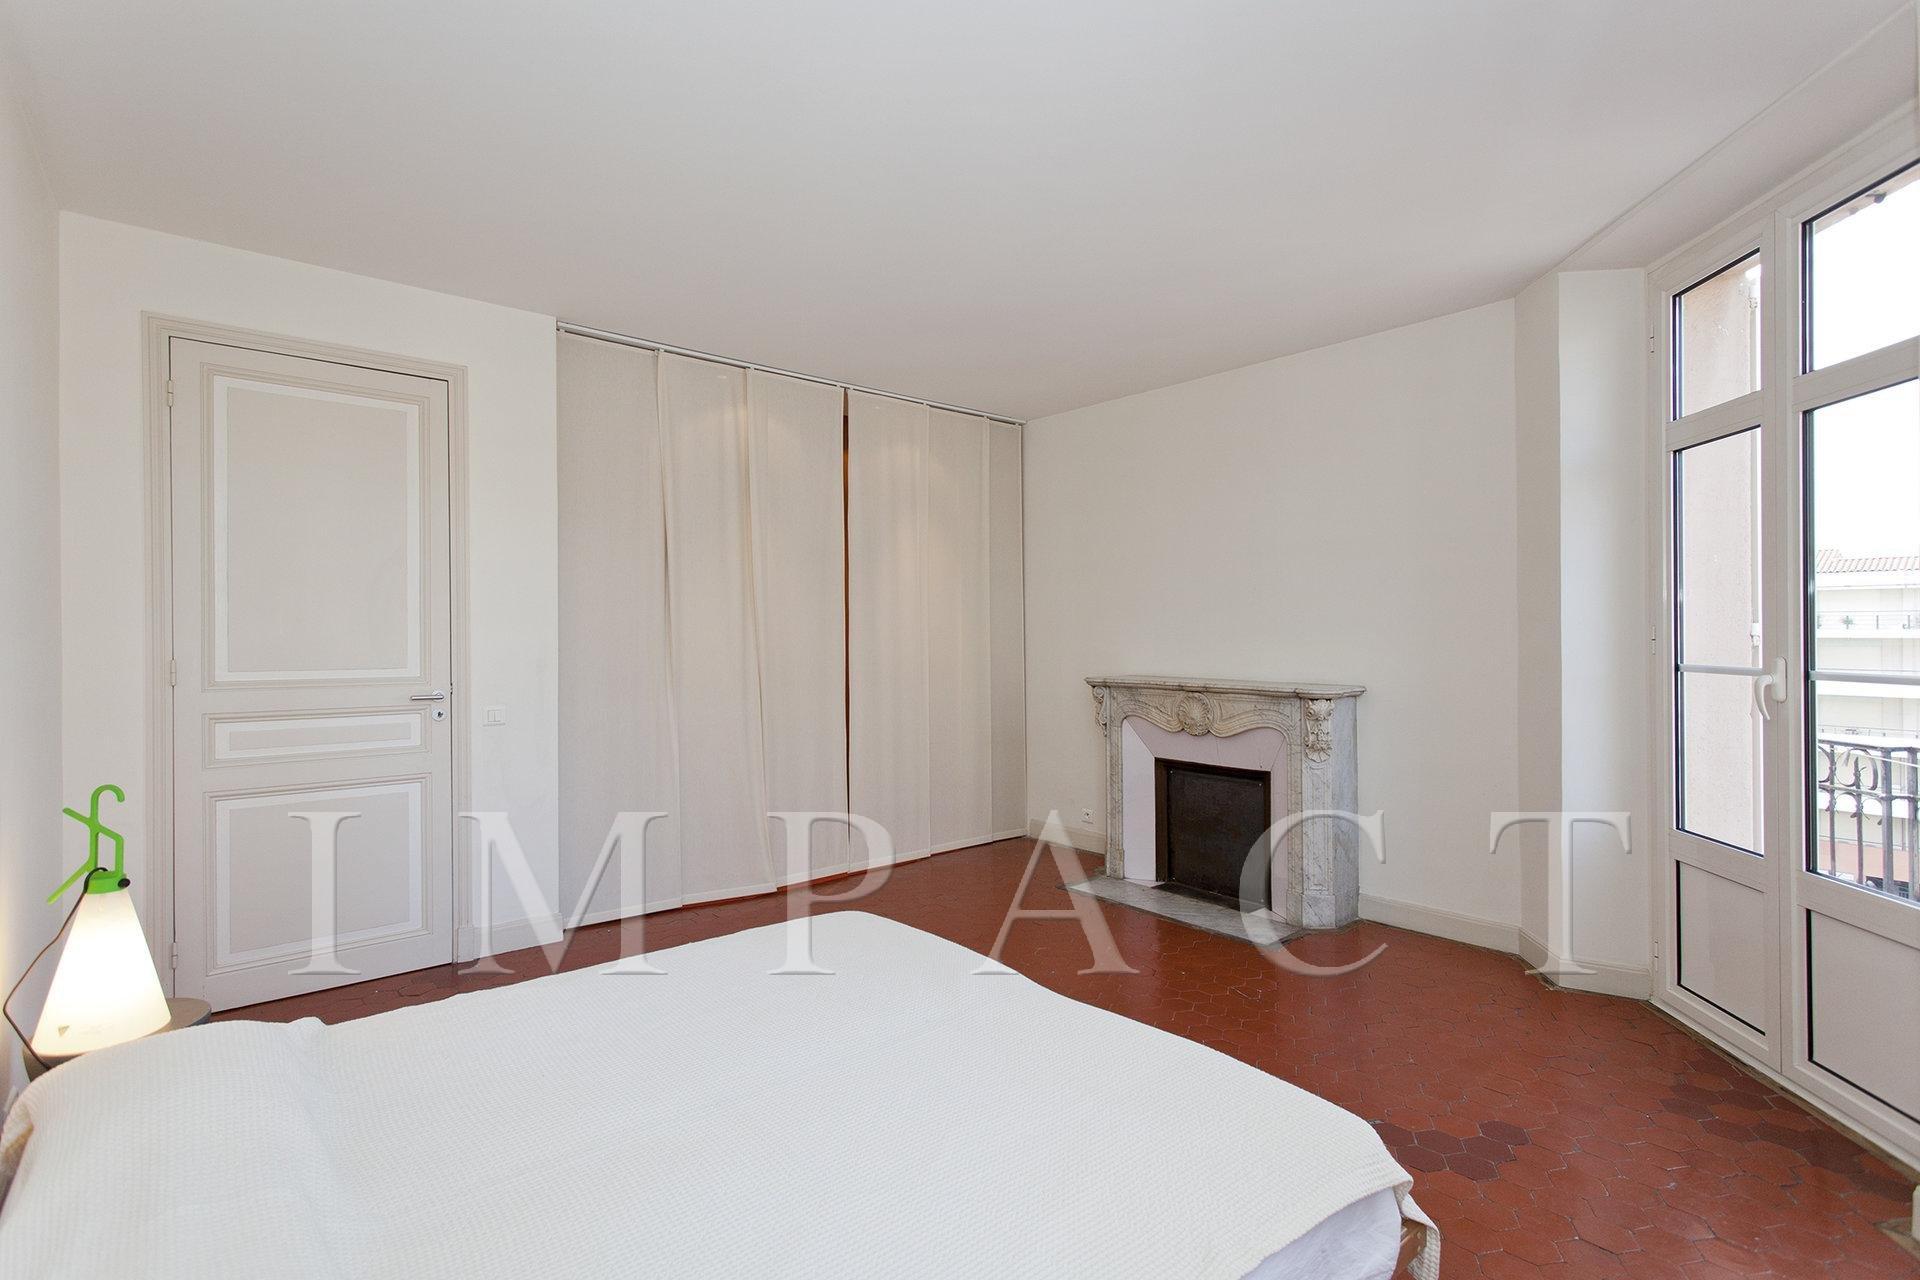 Appartement  3 chambres à louer en plein centre de Cannes